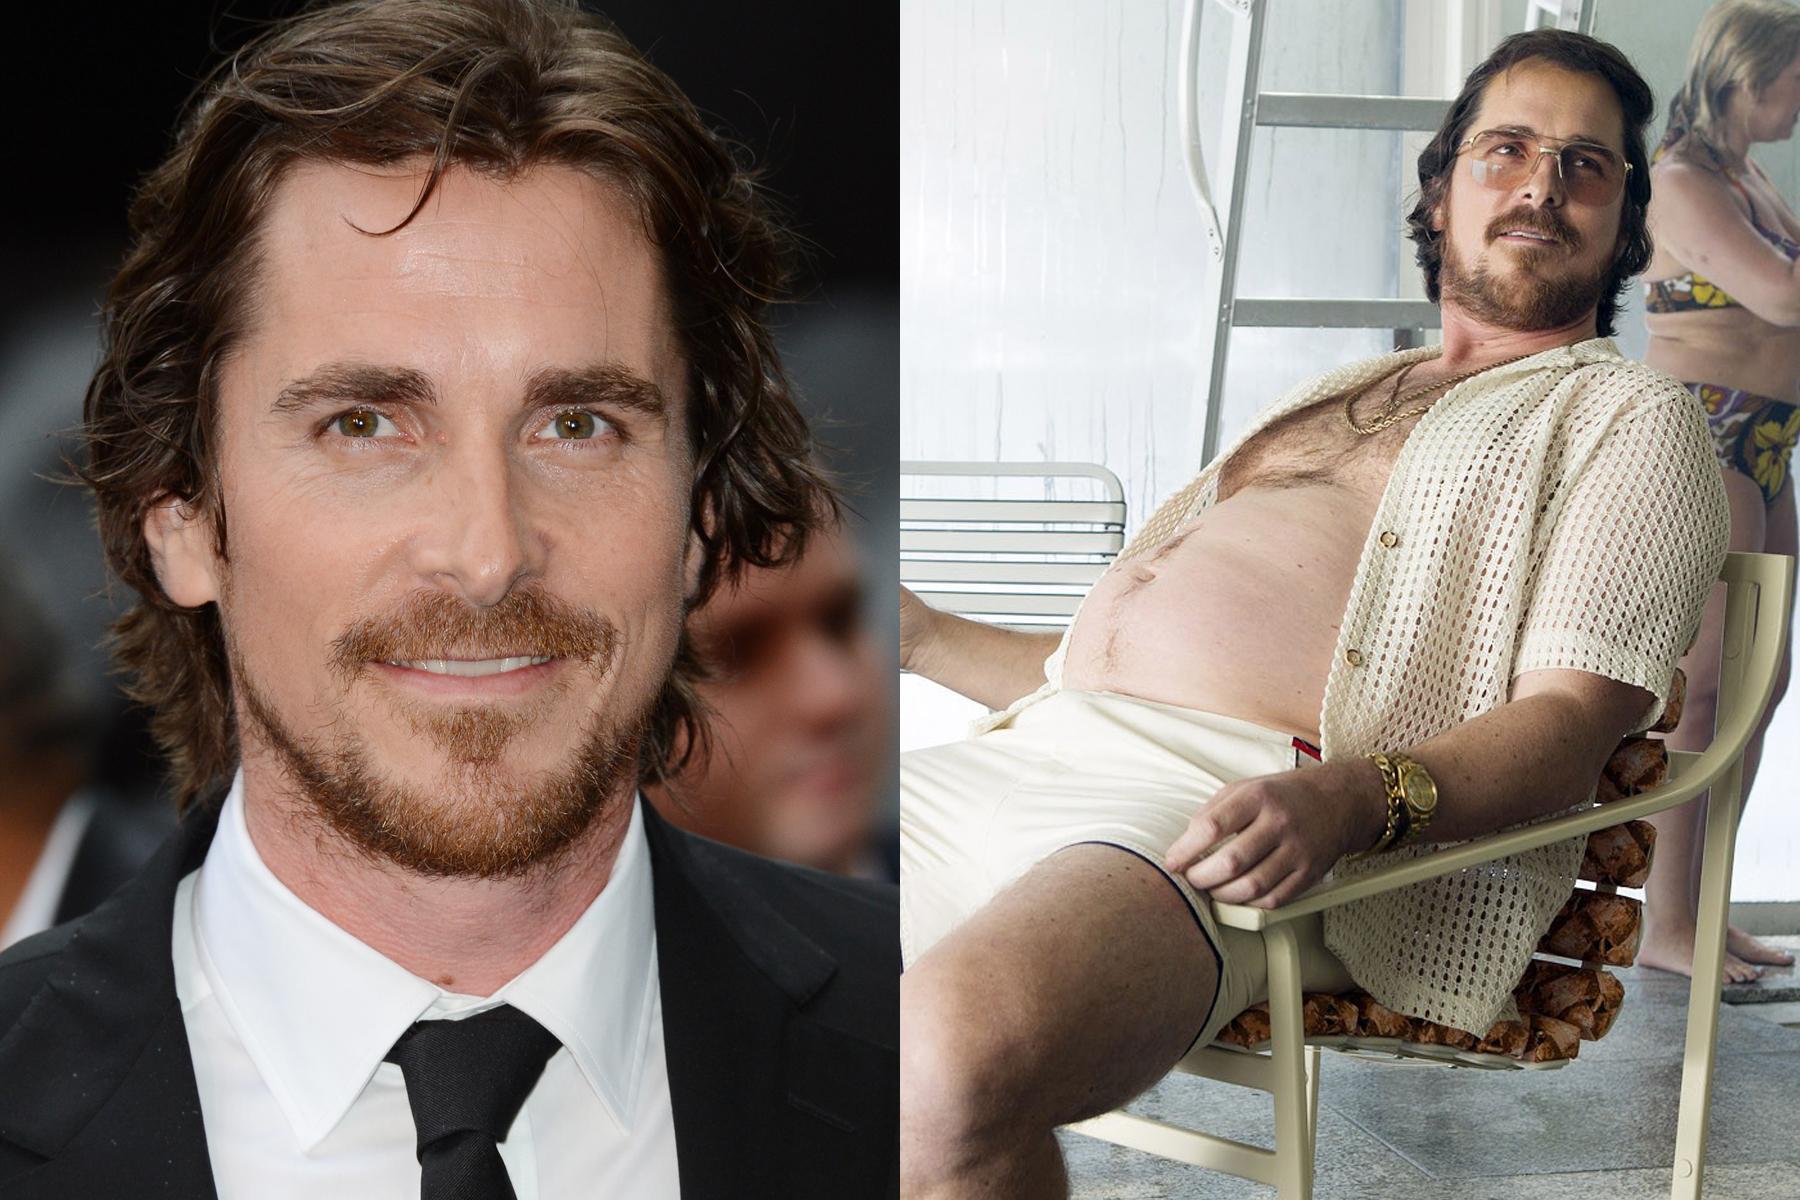 actori care pierd greutatea pentru rolurile filmului